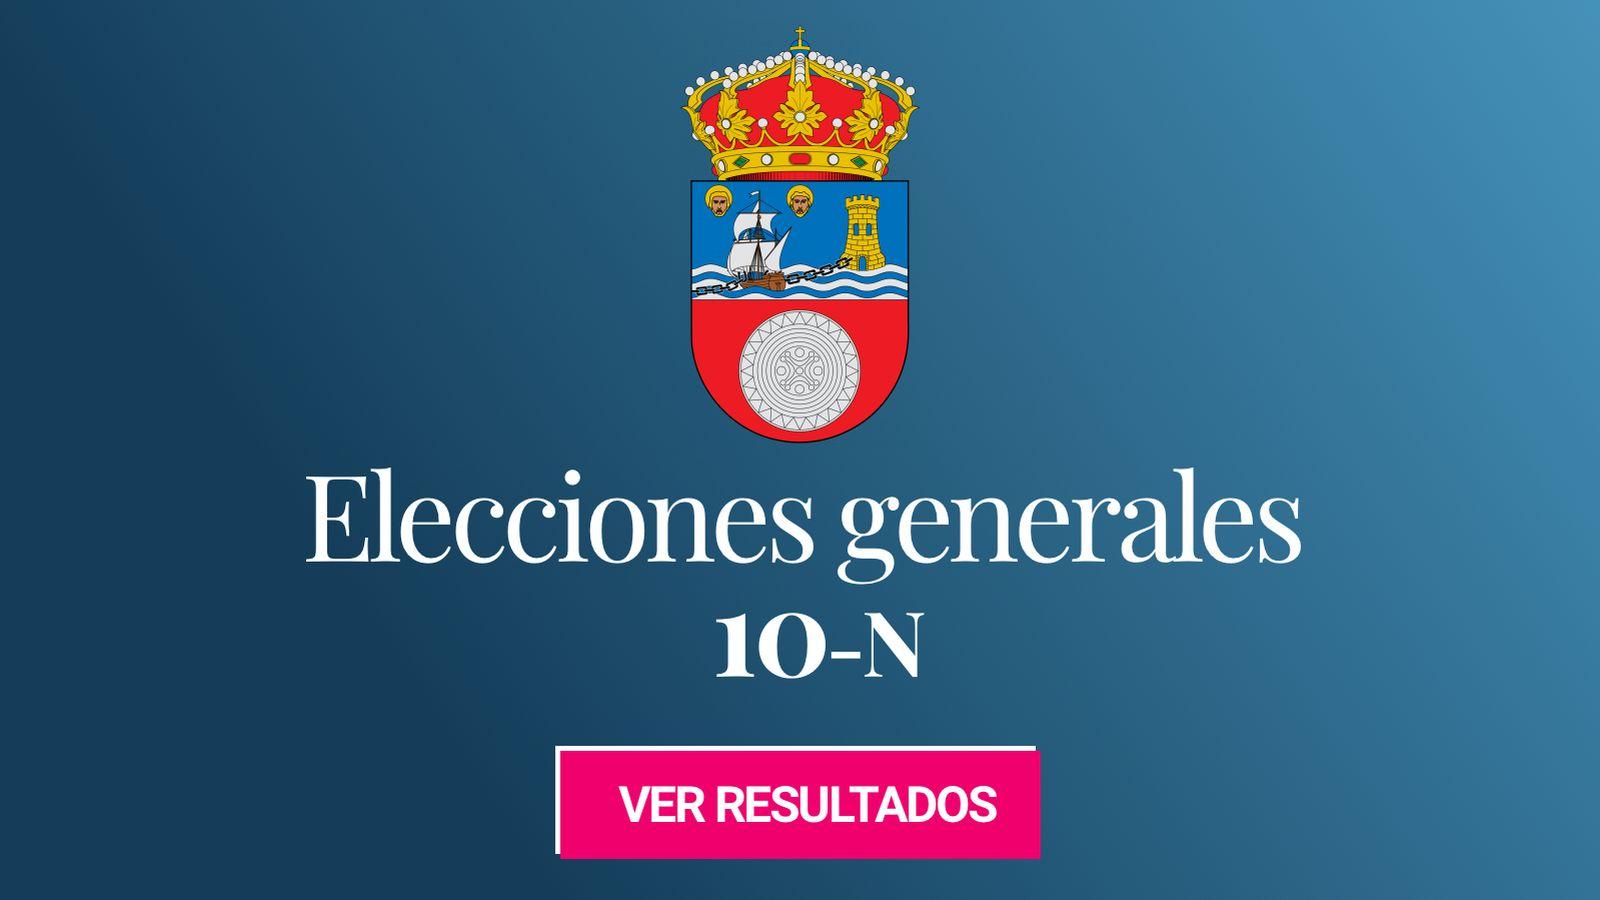 Foto: Elecciones generales 2019 en la provincia de Cantabria. (C.C./HansenBCN)